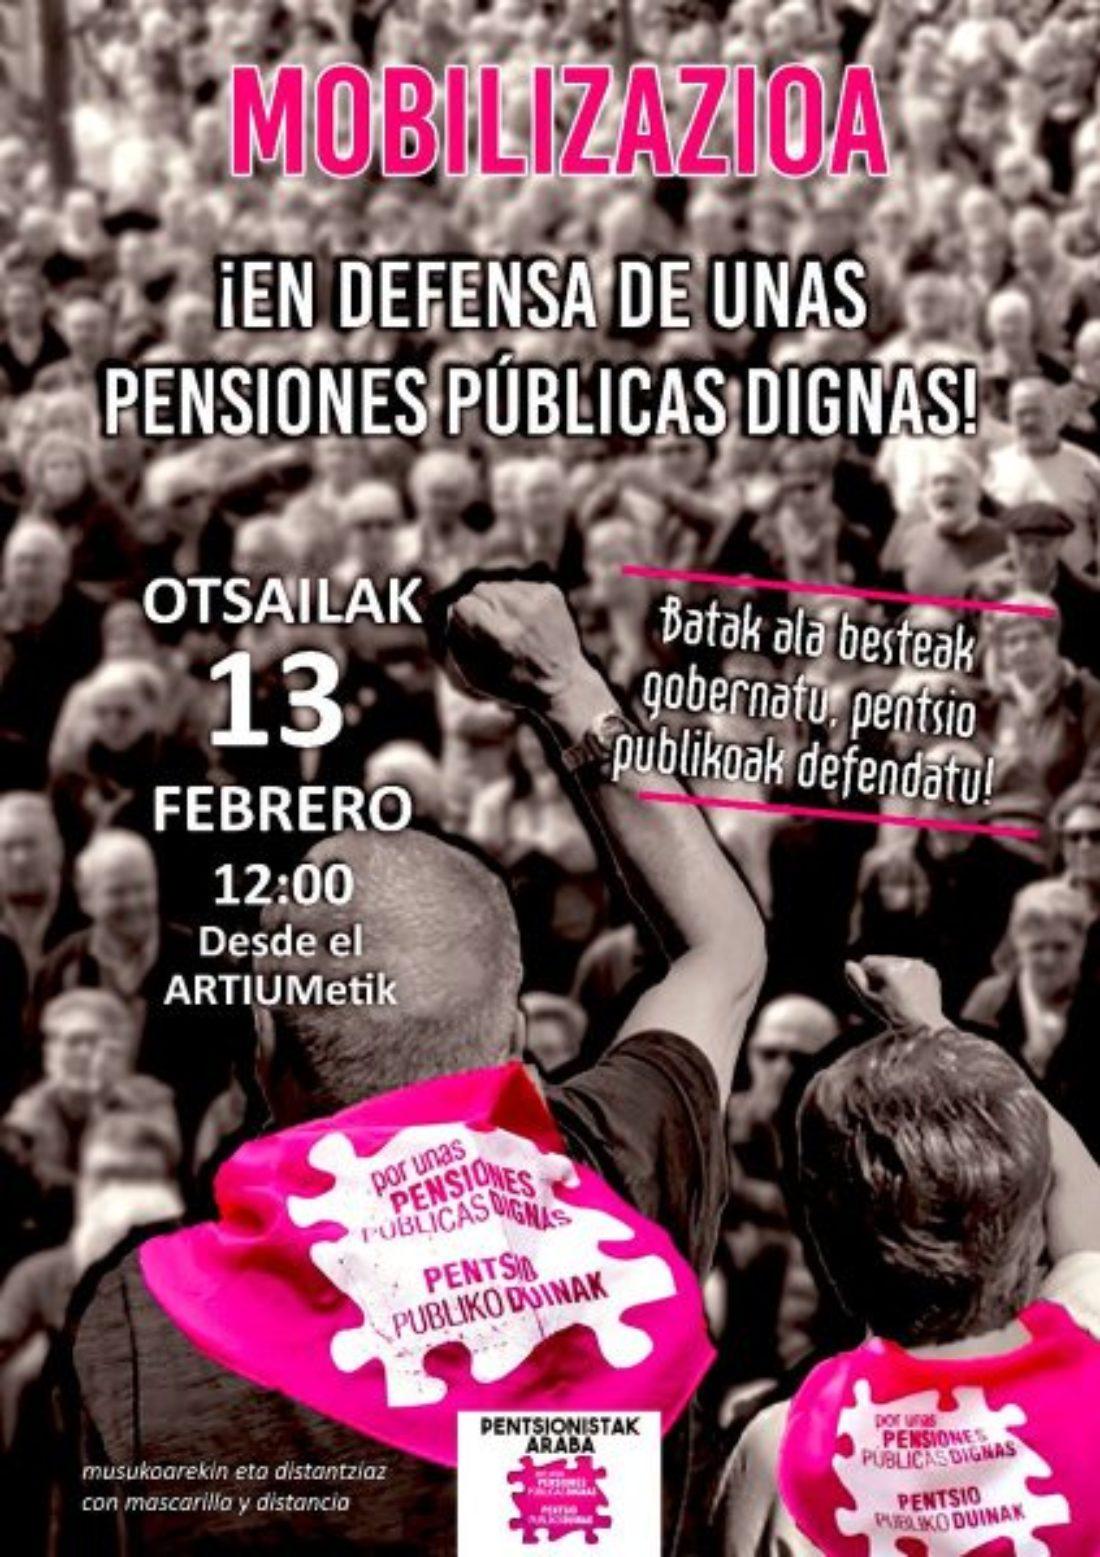 CGT-LKN hace un llamamiento a participar en las manifestaciones del 13 de febrero contra la privatización de las pensiones